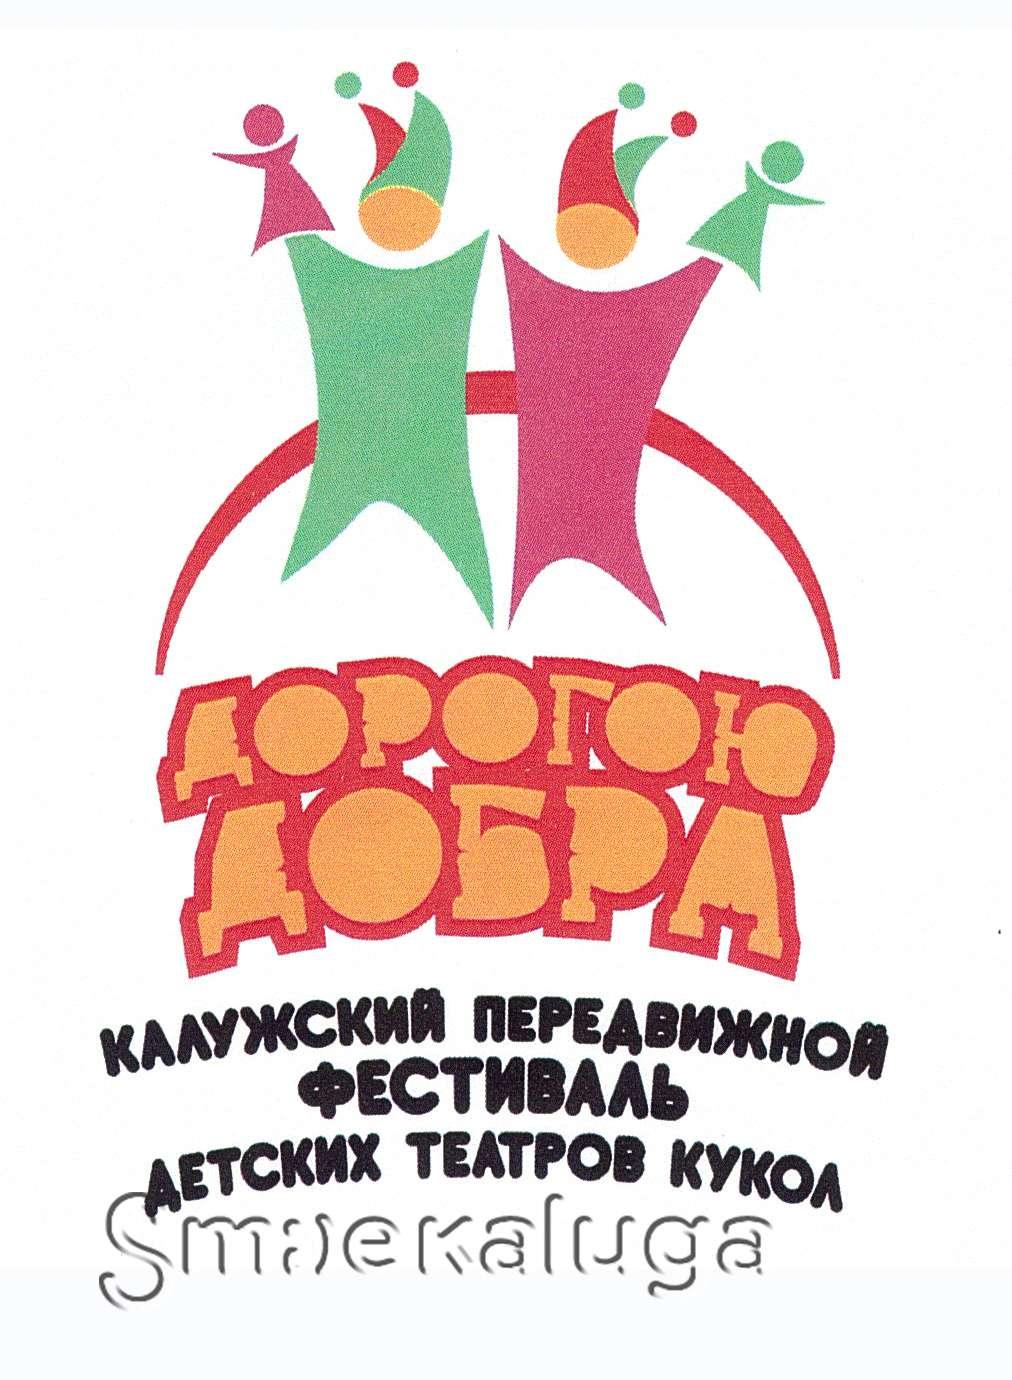 Театр кукол проследует «Дорогою добра» по Калужской области